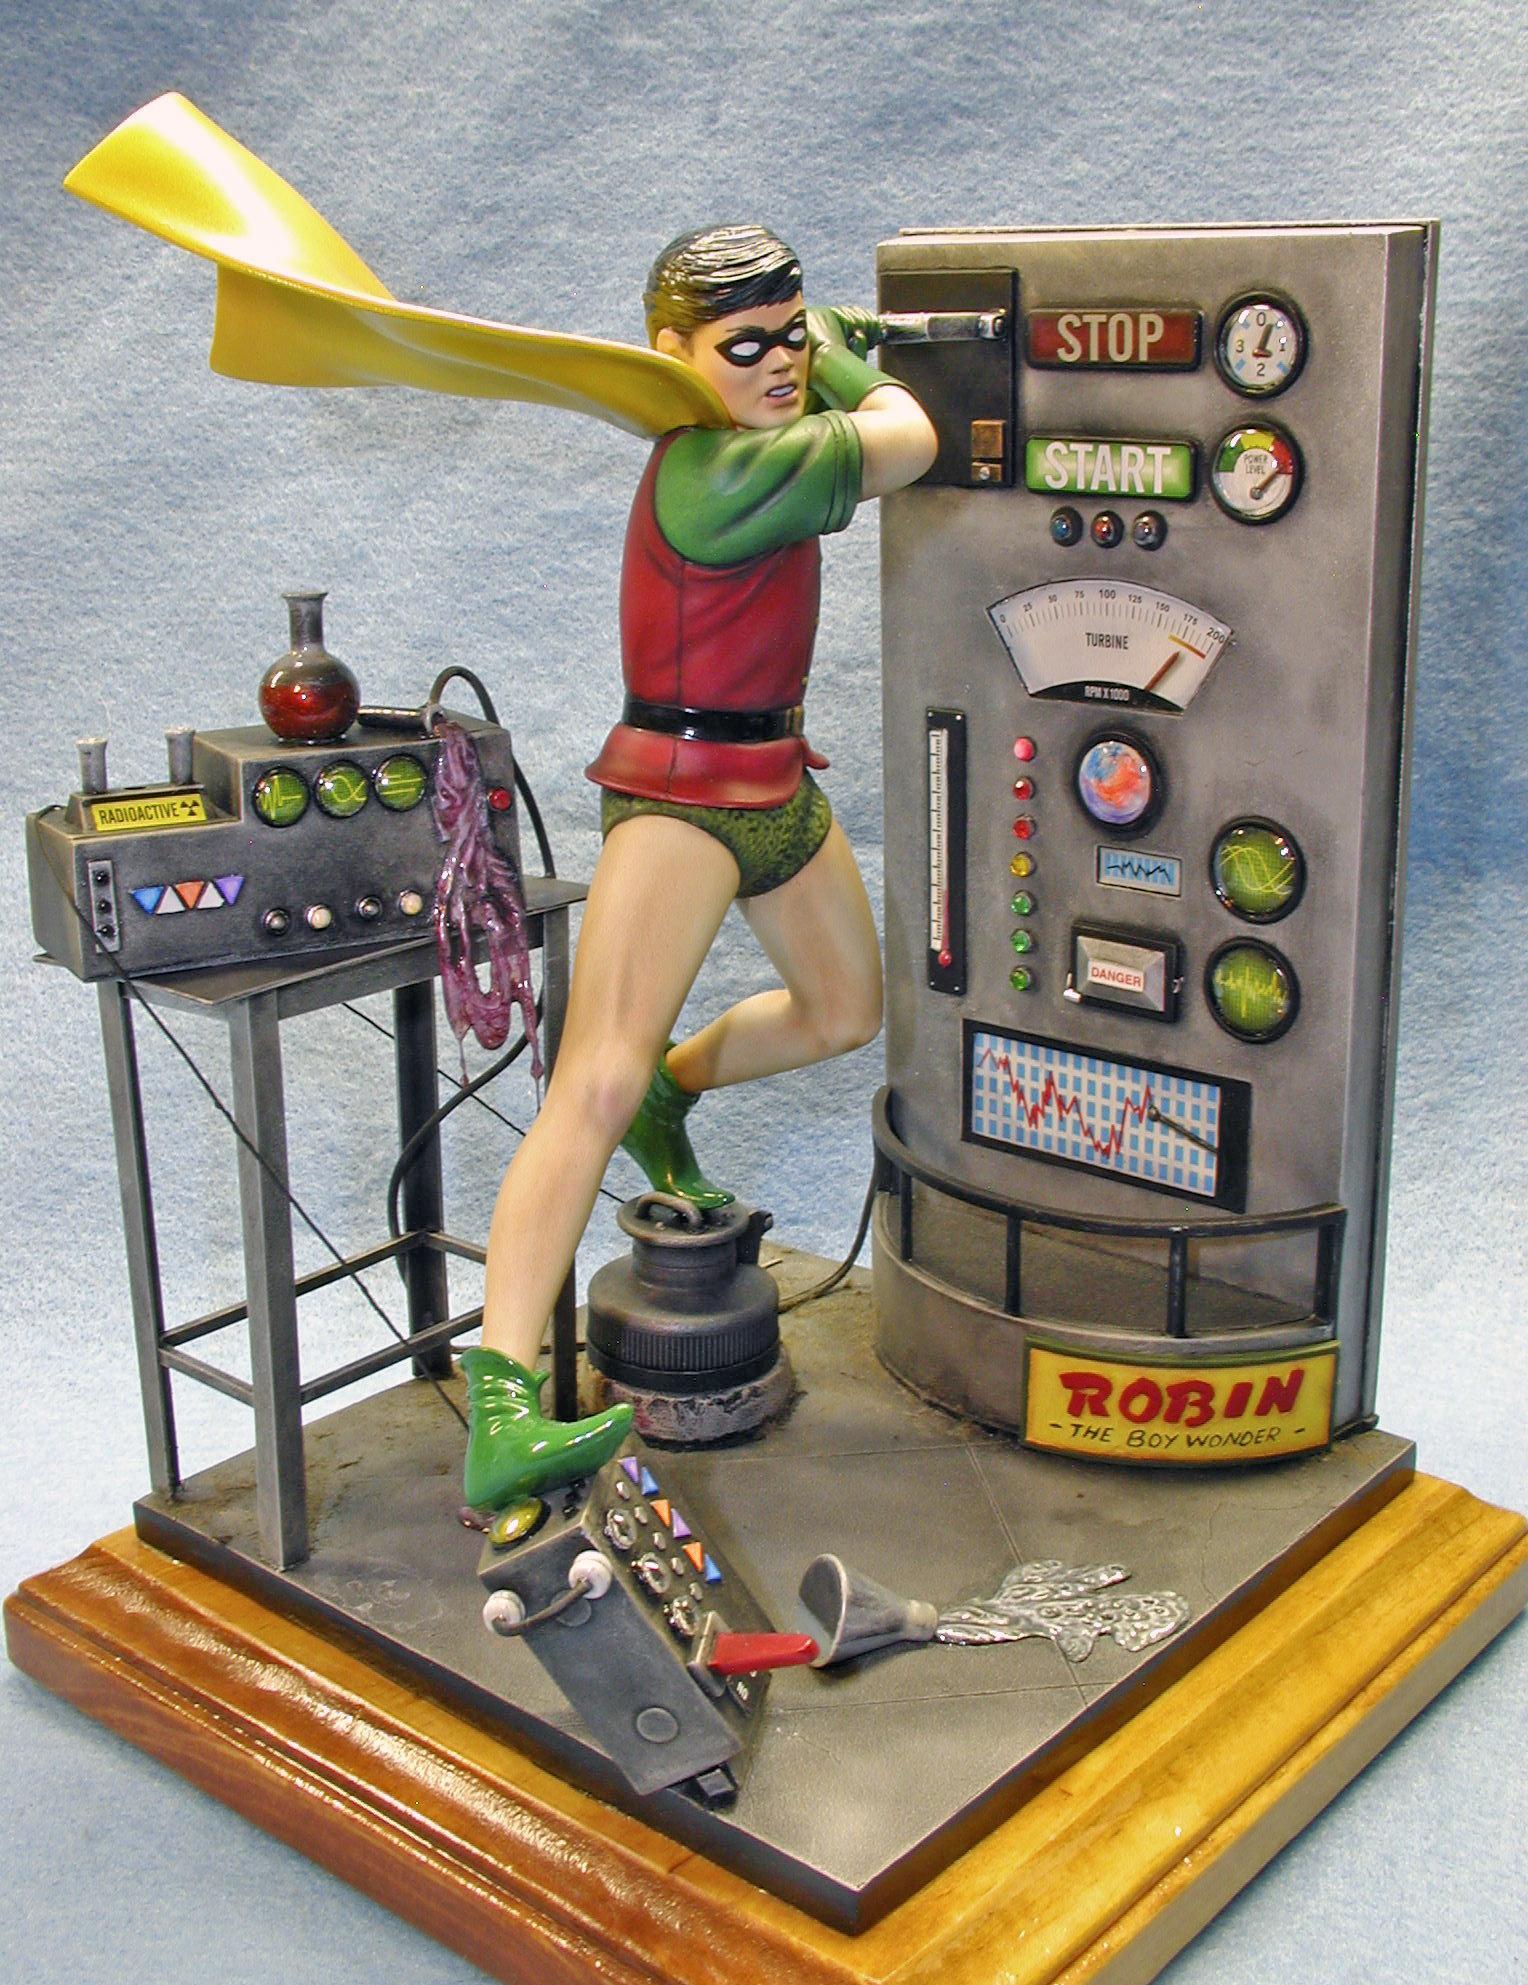 Robin, Angle